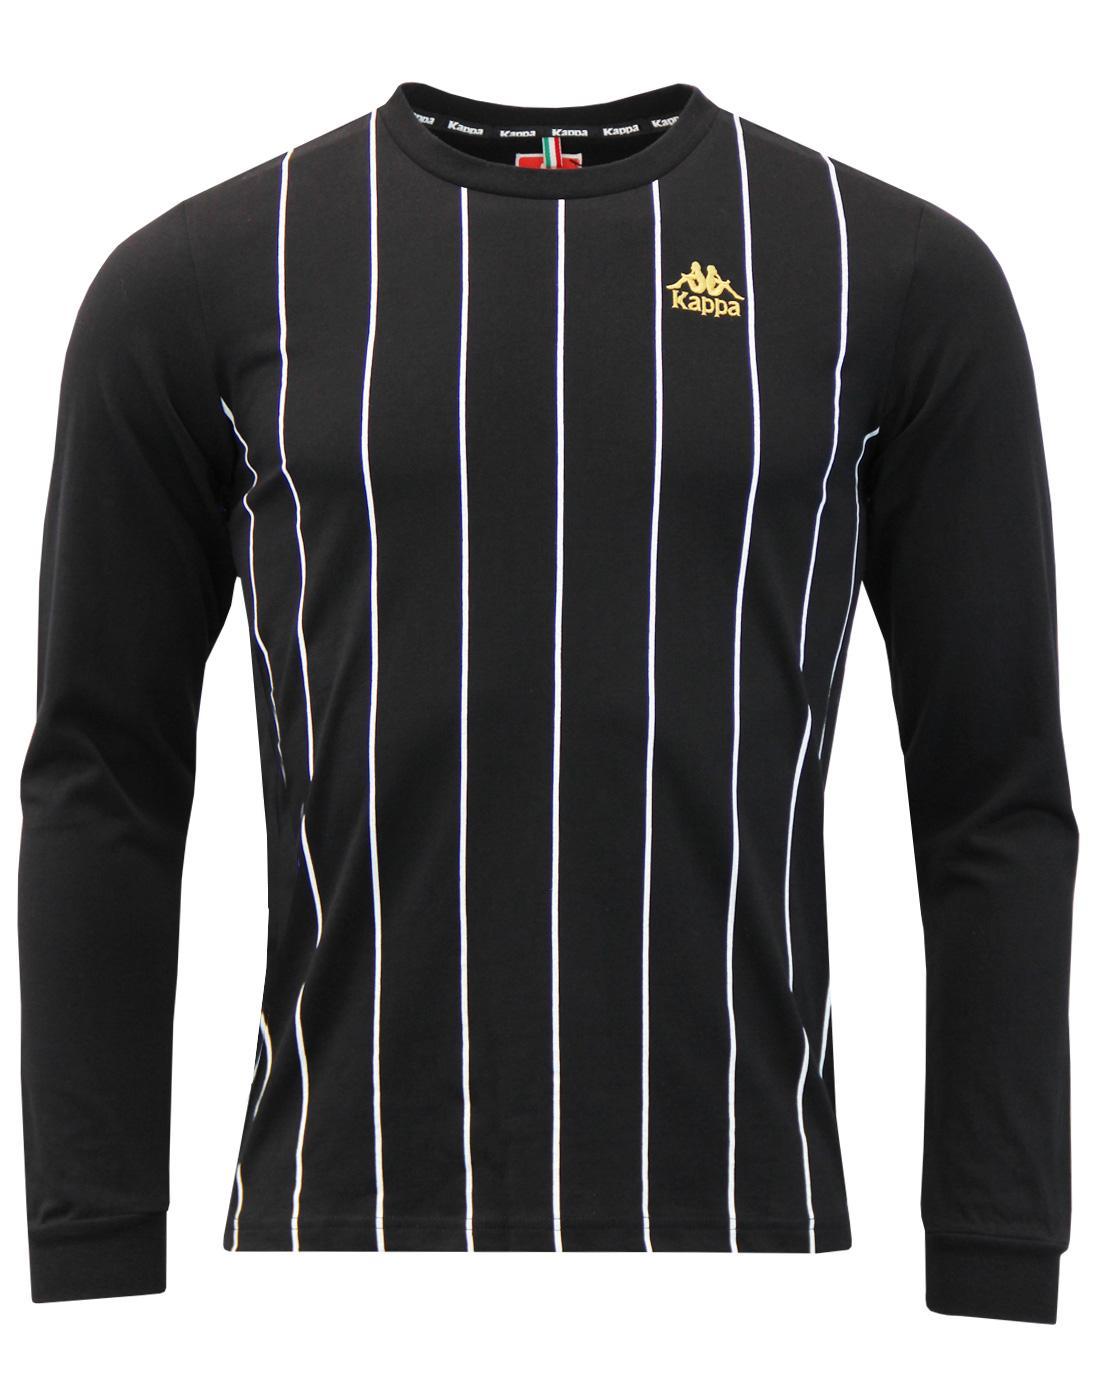 Solis KAPPA Retro Pinstripe Long Sleeve T-Shirt